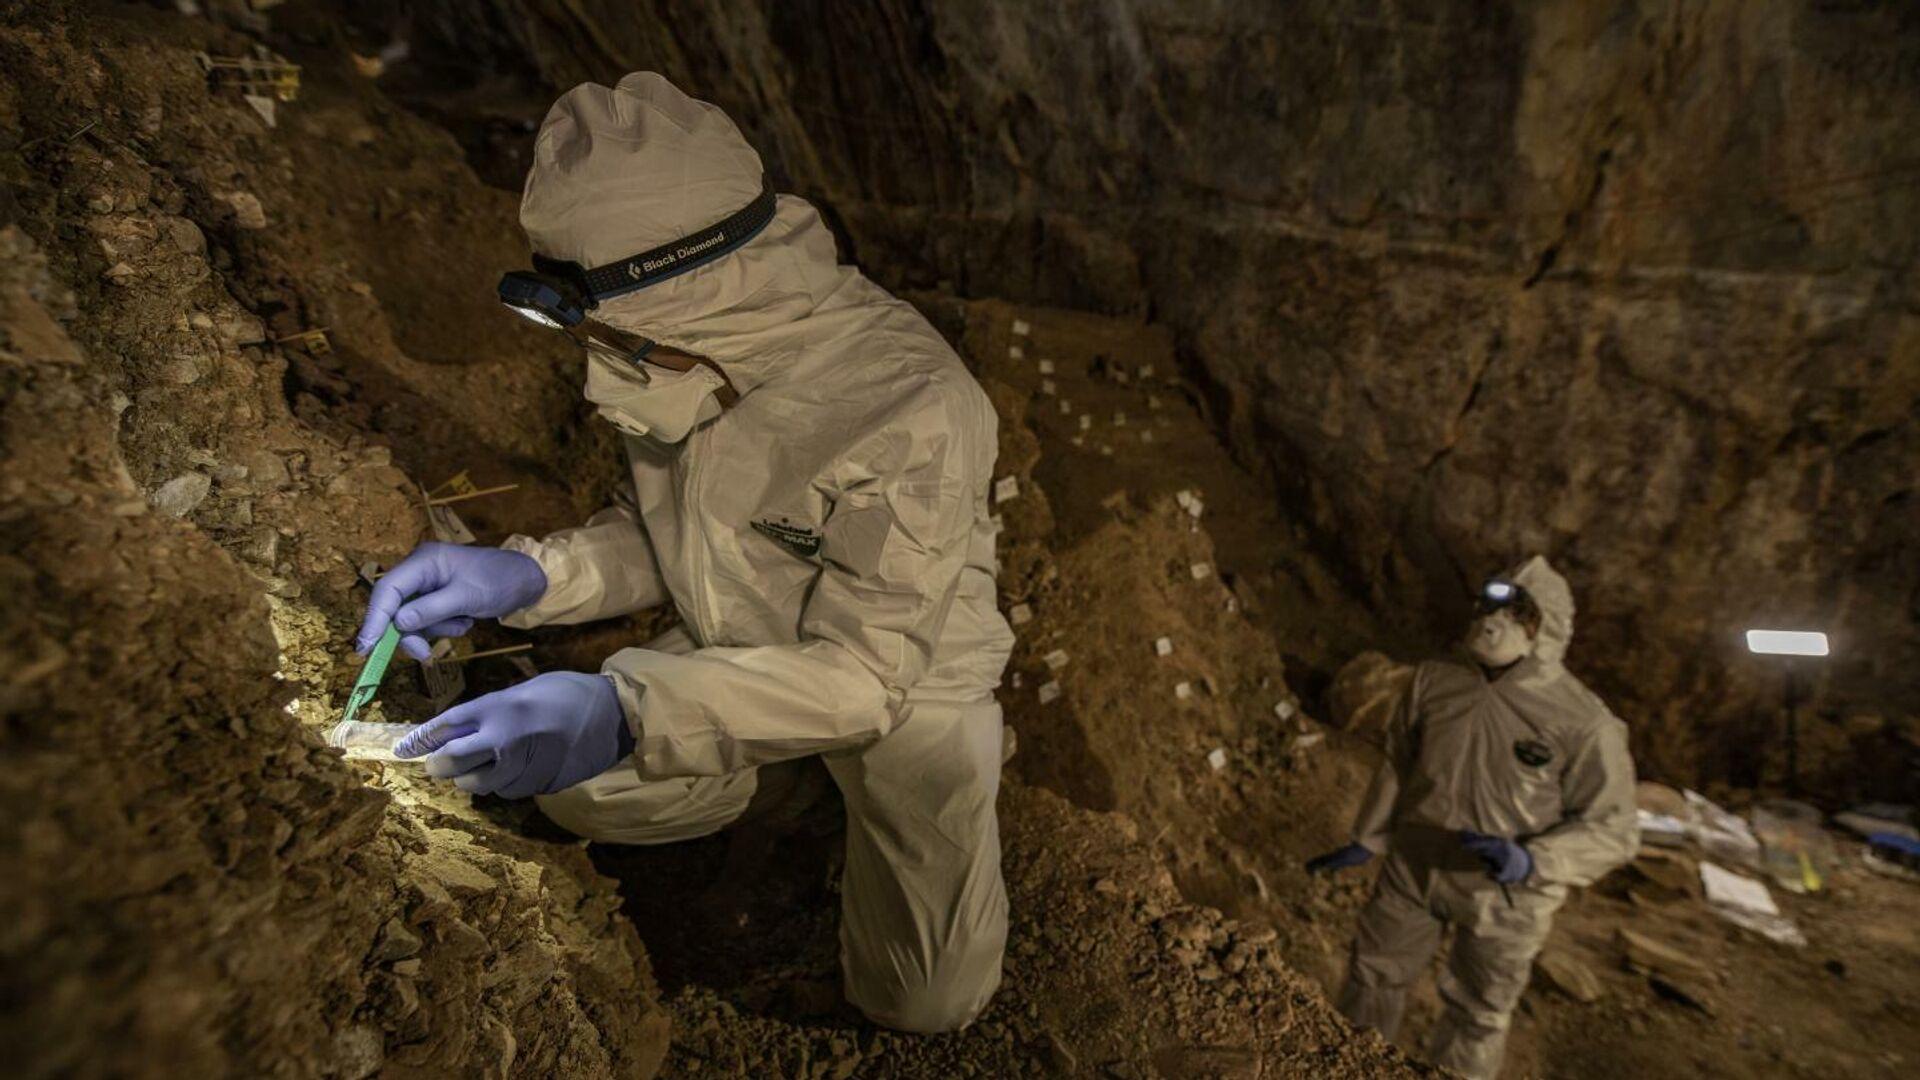 Впервые воссоздан из почвы геном ископаемого медведя